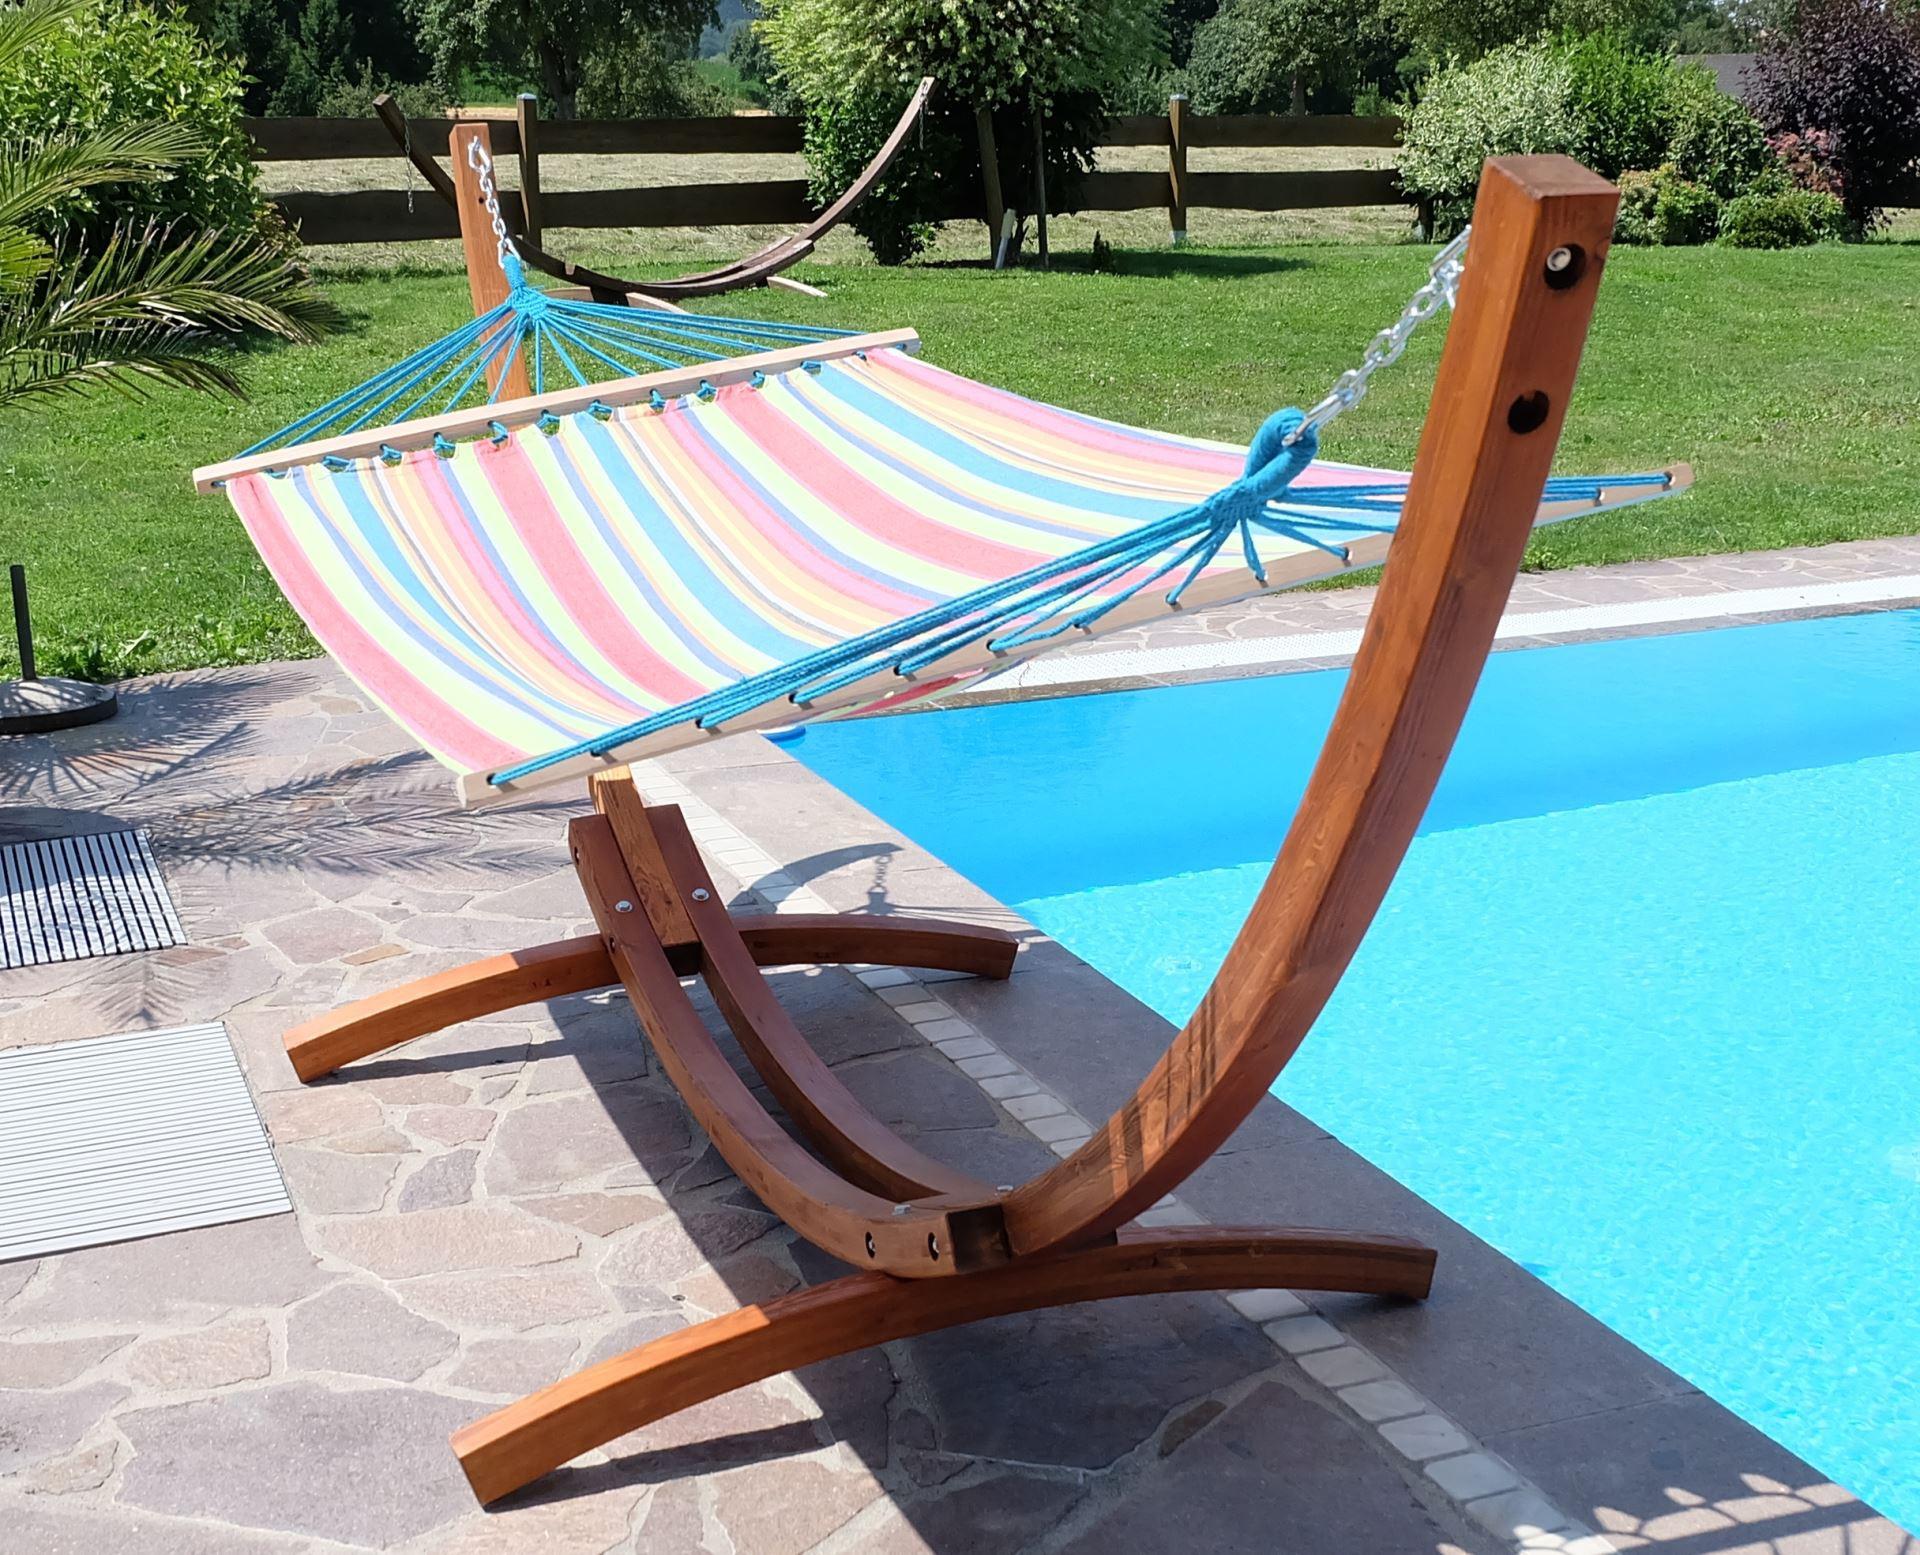 h ngematte mit gestell h ngemattengestell alicia 3 5m holz. Black Bedroom Furniture Sets. Home Design Ideas